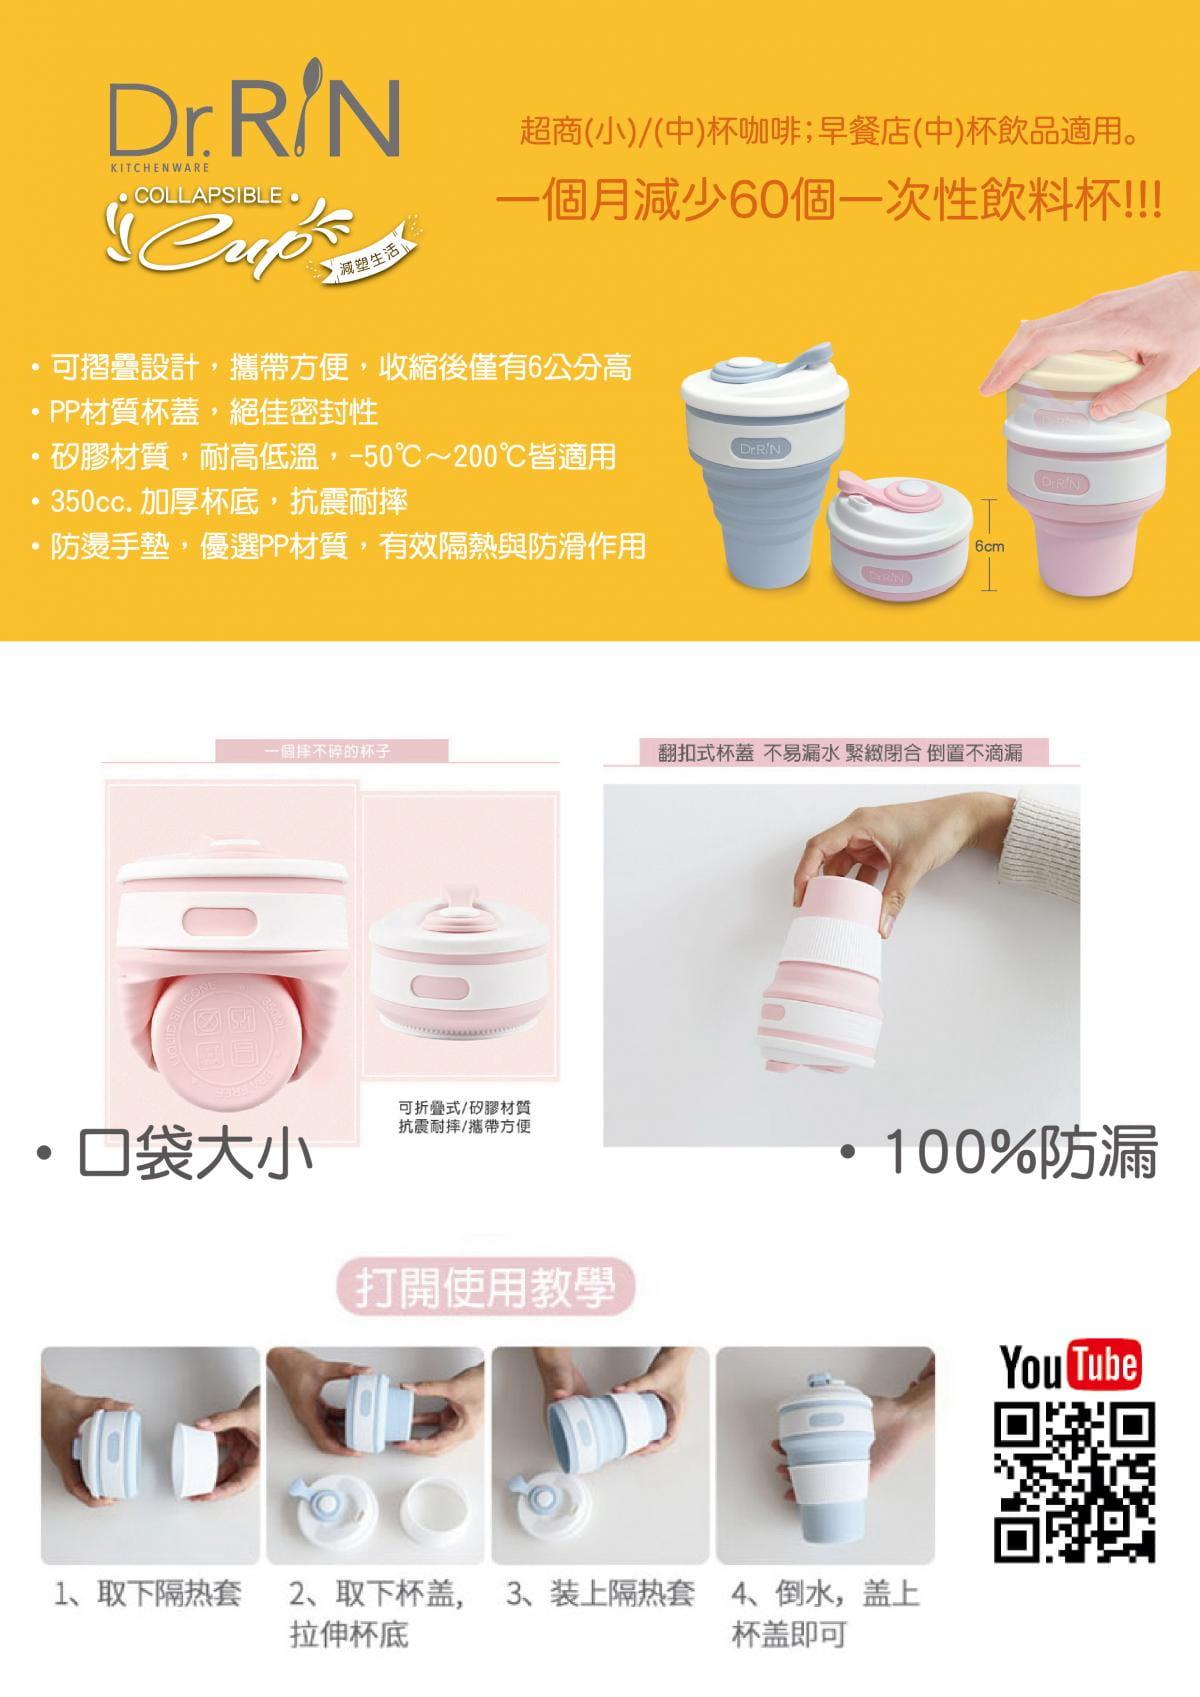 【買一送一】SGS戶外環保折疊伸縮杯350ml 1